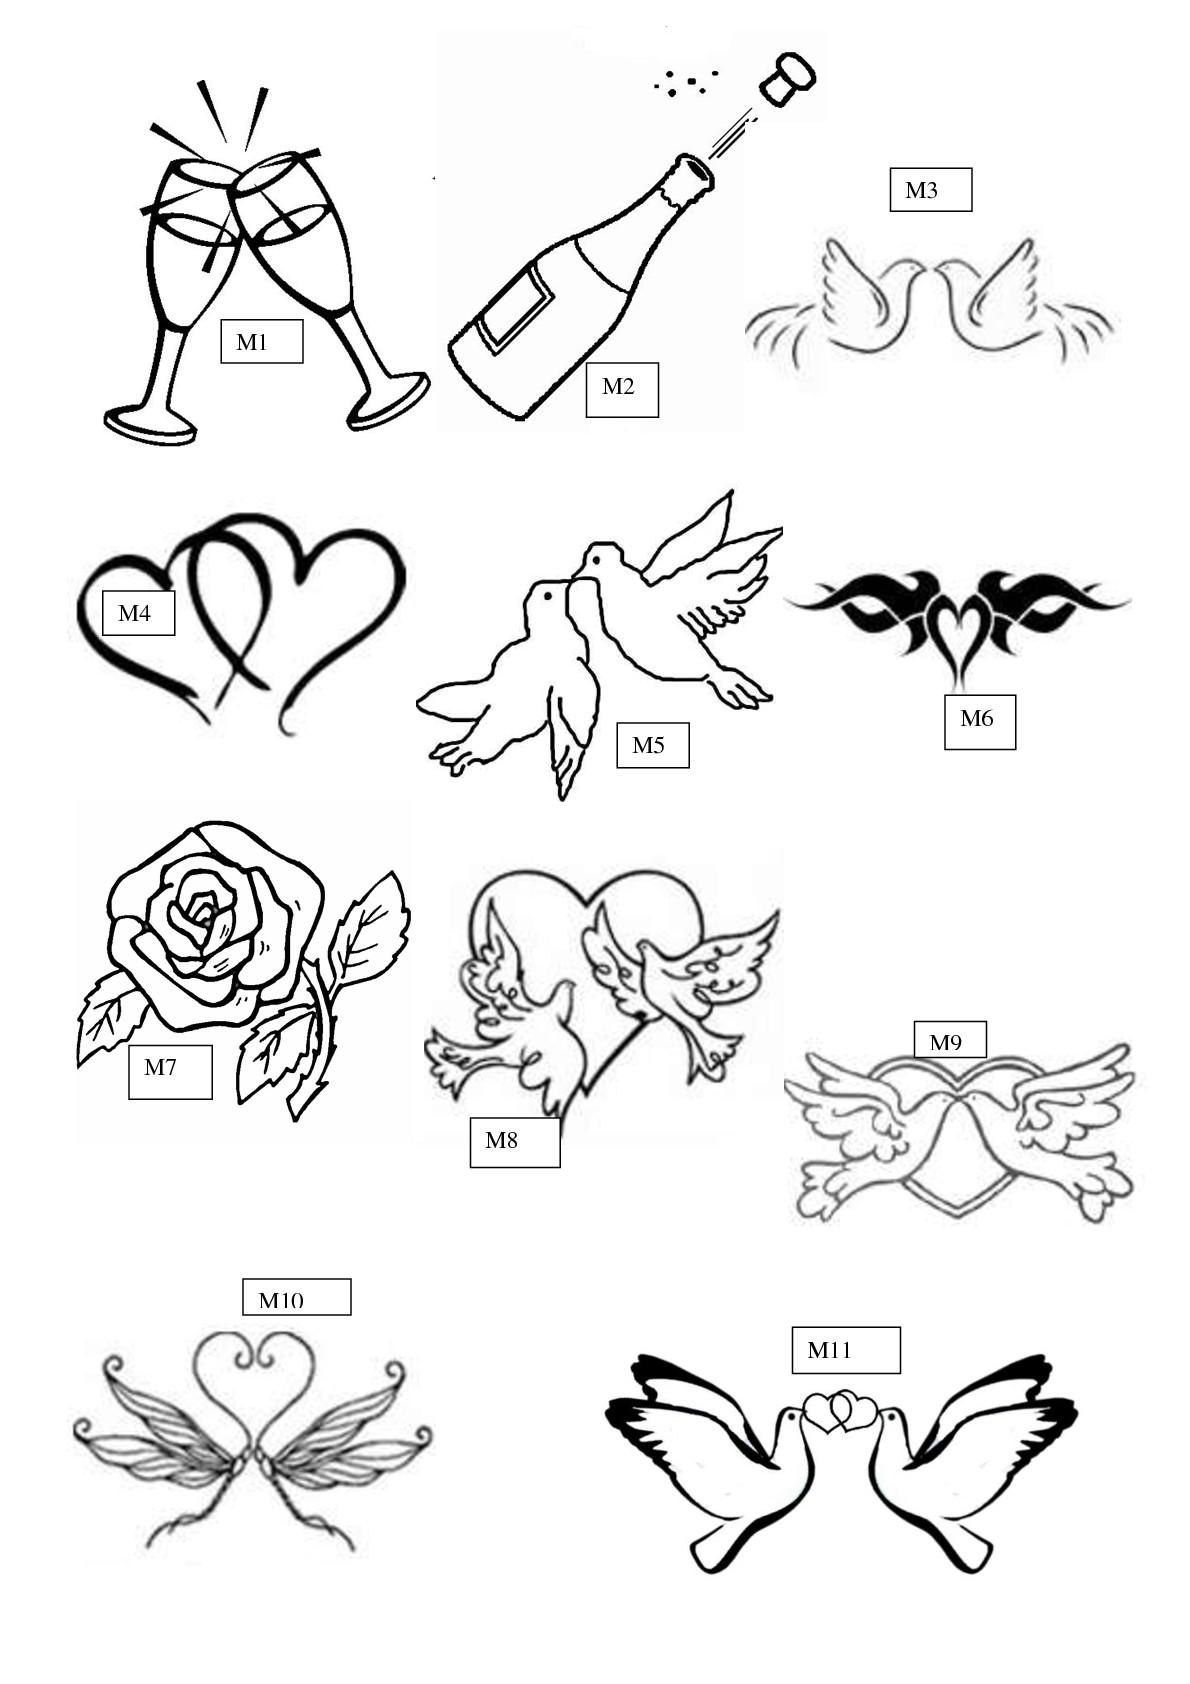 Motifs de gravure sur verre mariage amour pacs - Dessin anniversaire de mariage ...